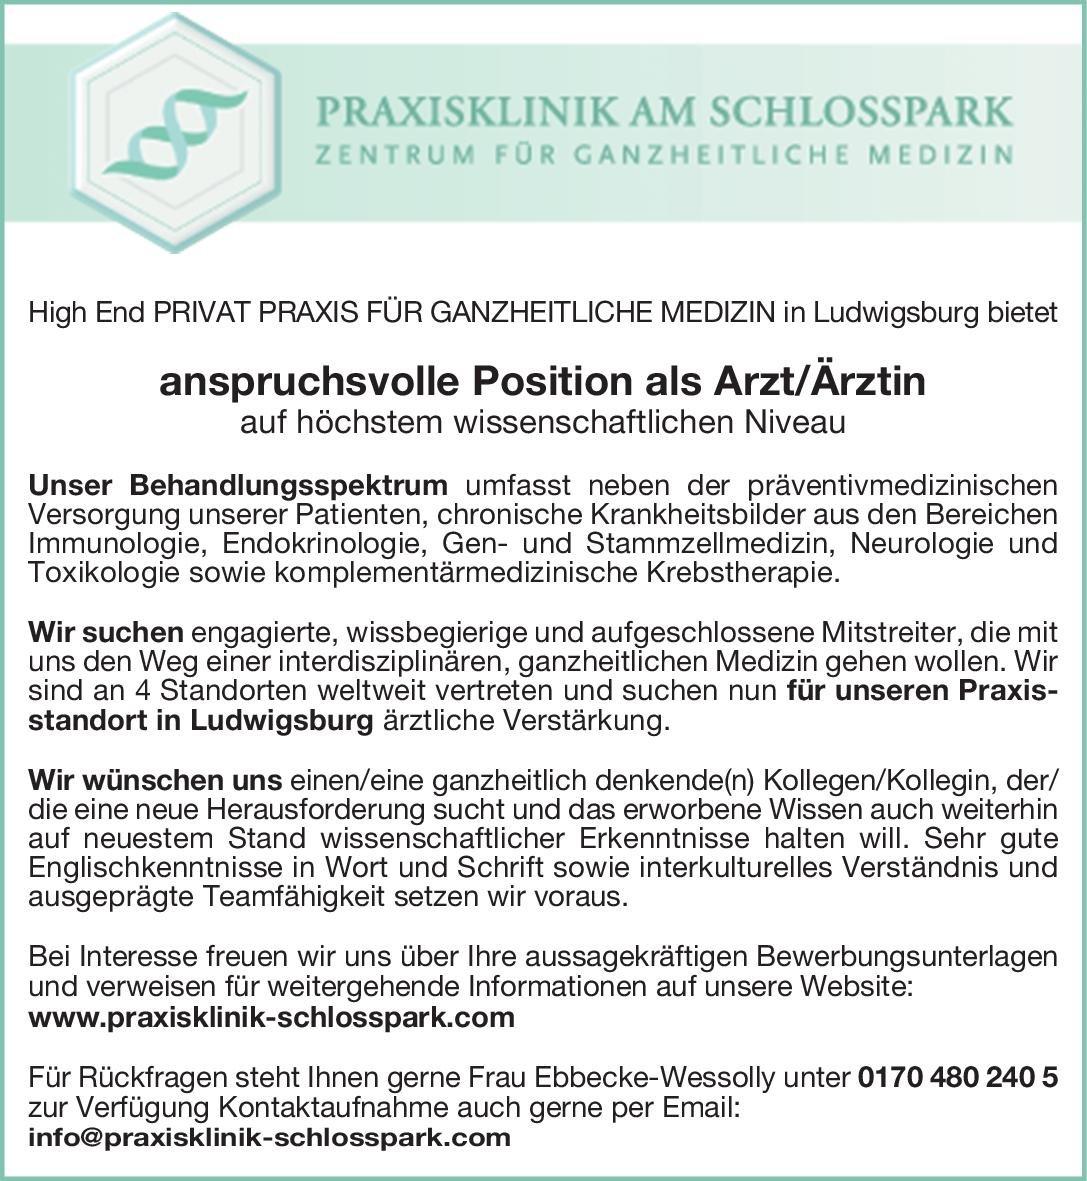 Praxisklinik am Schlosspark Arzt/Ärztin  Innere Medizin und Endokrinologie und Diabetologie, Innere Medizin, Neurologie Arzt / Facharzt